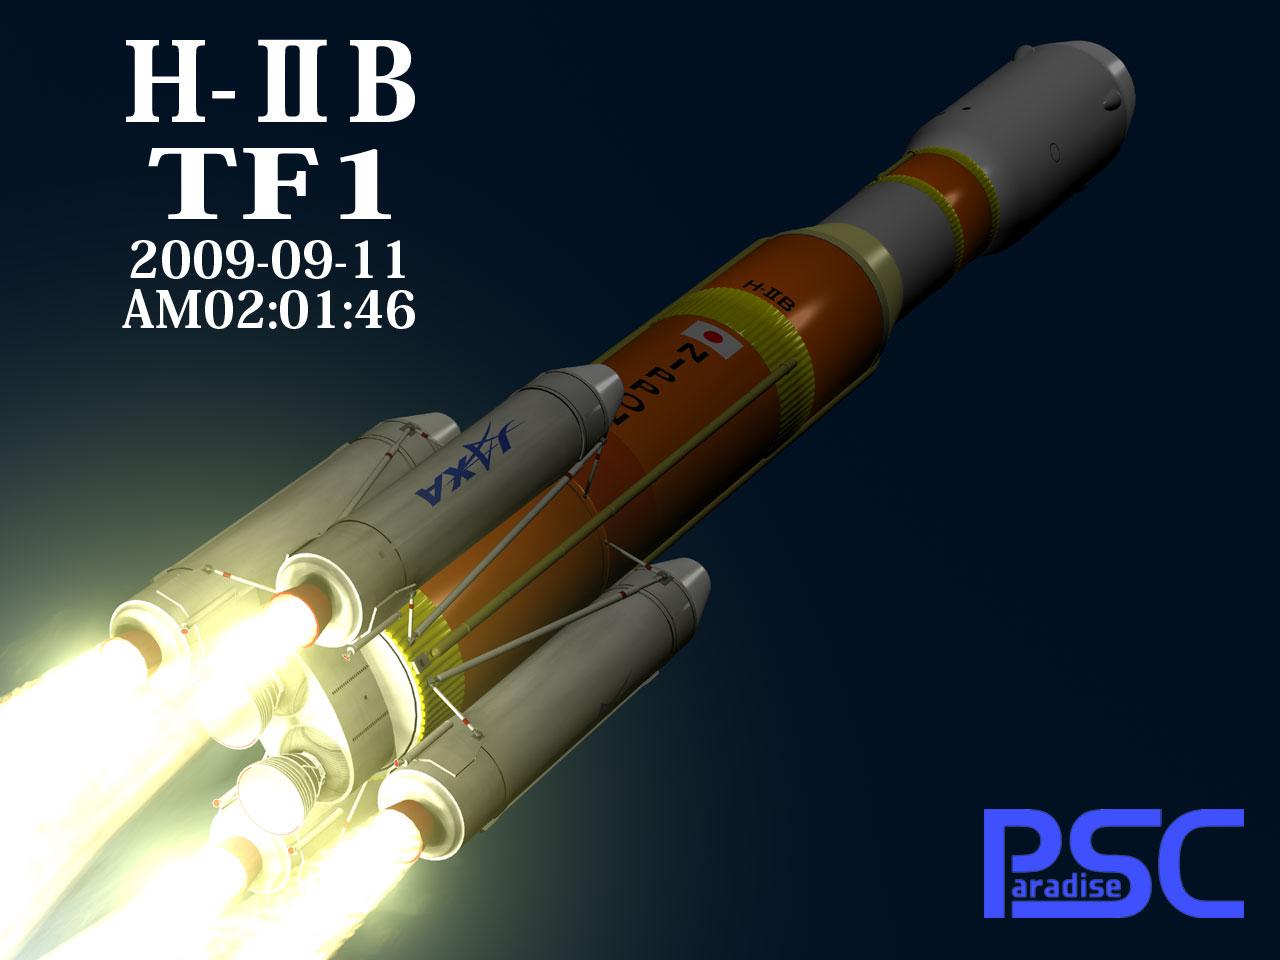 H2B_TF1.jpg